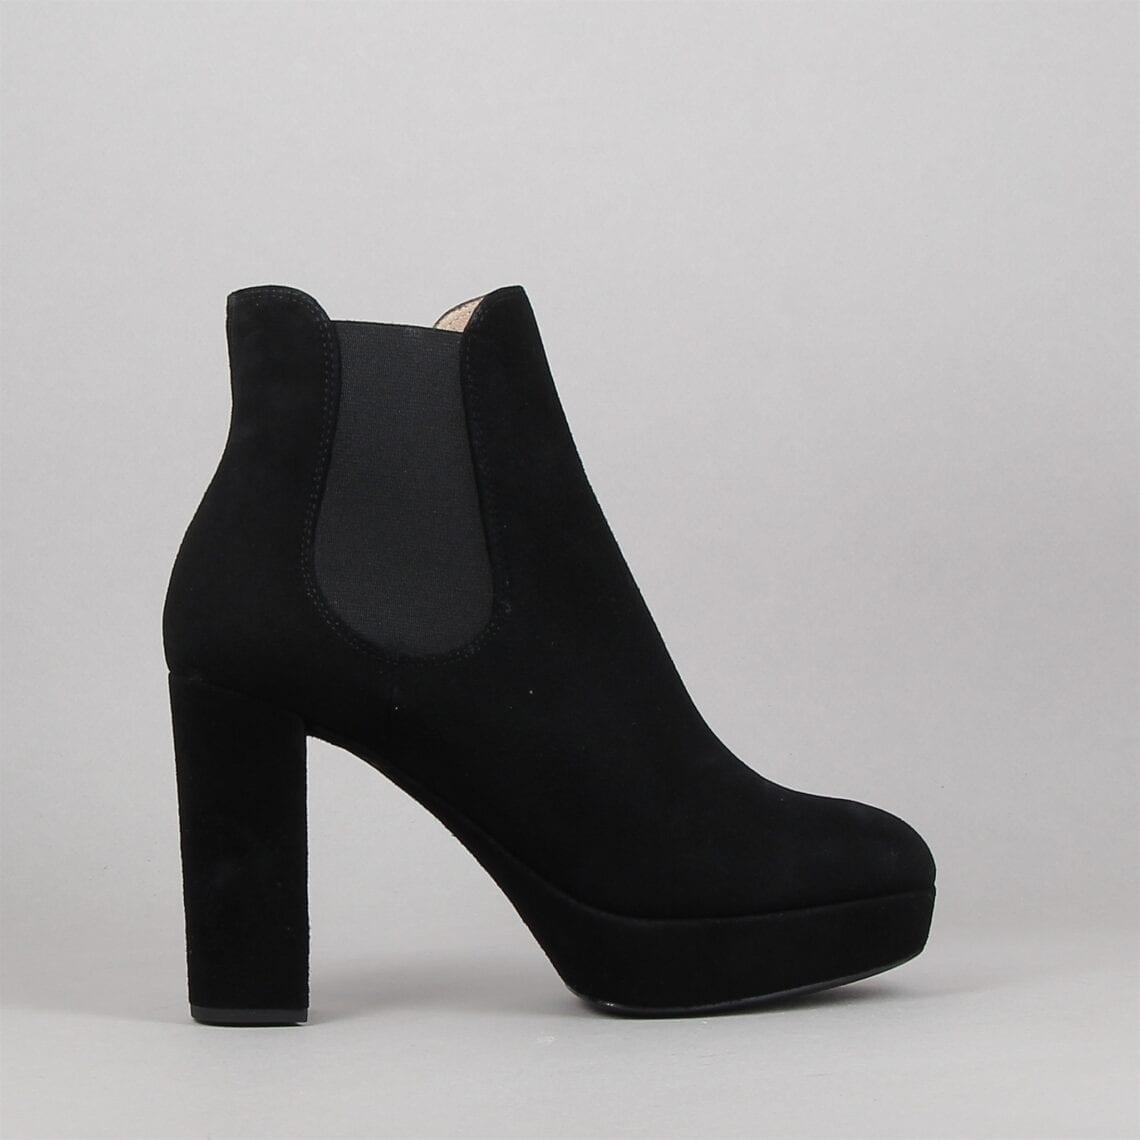 regis-noir-183238658-0.jpg